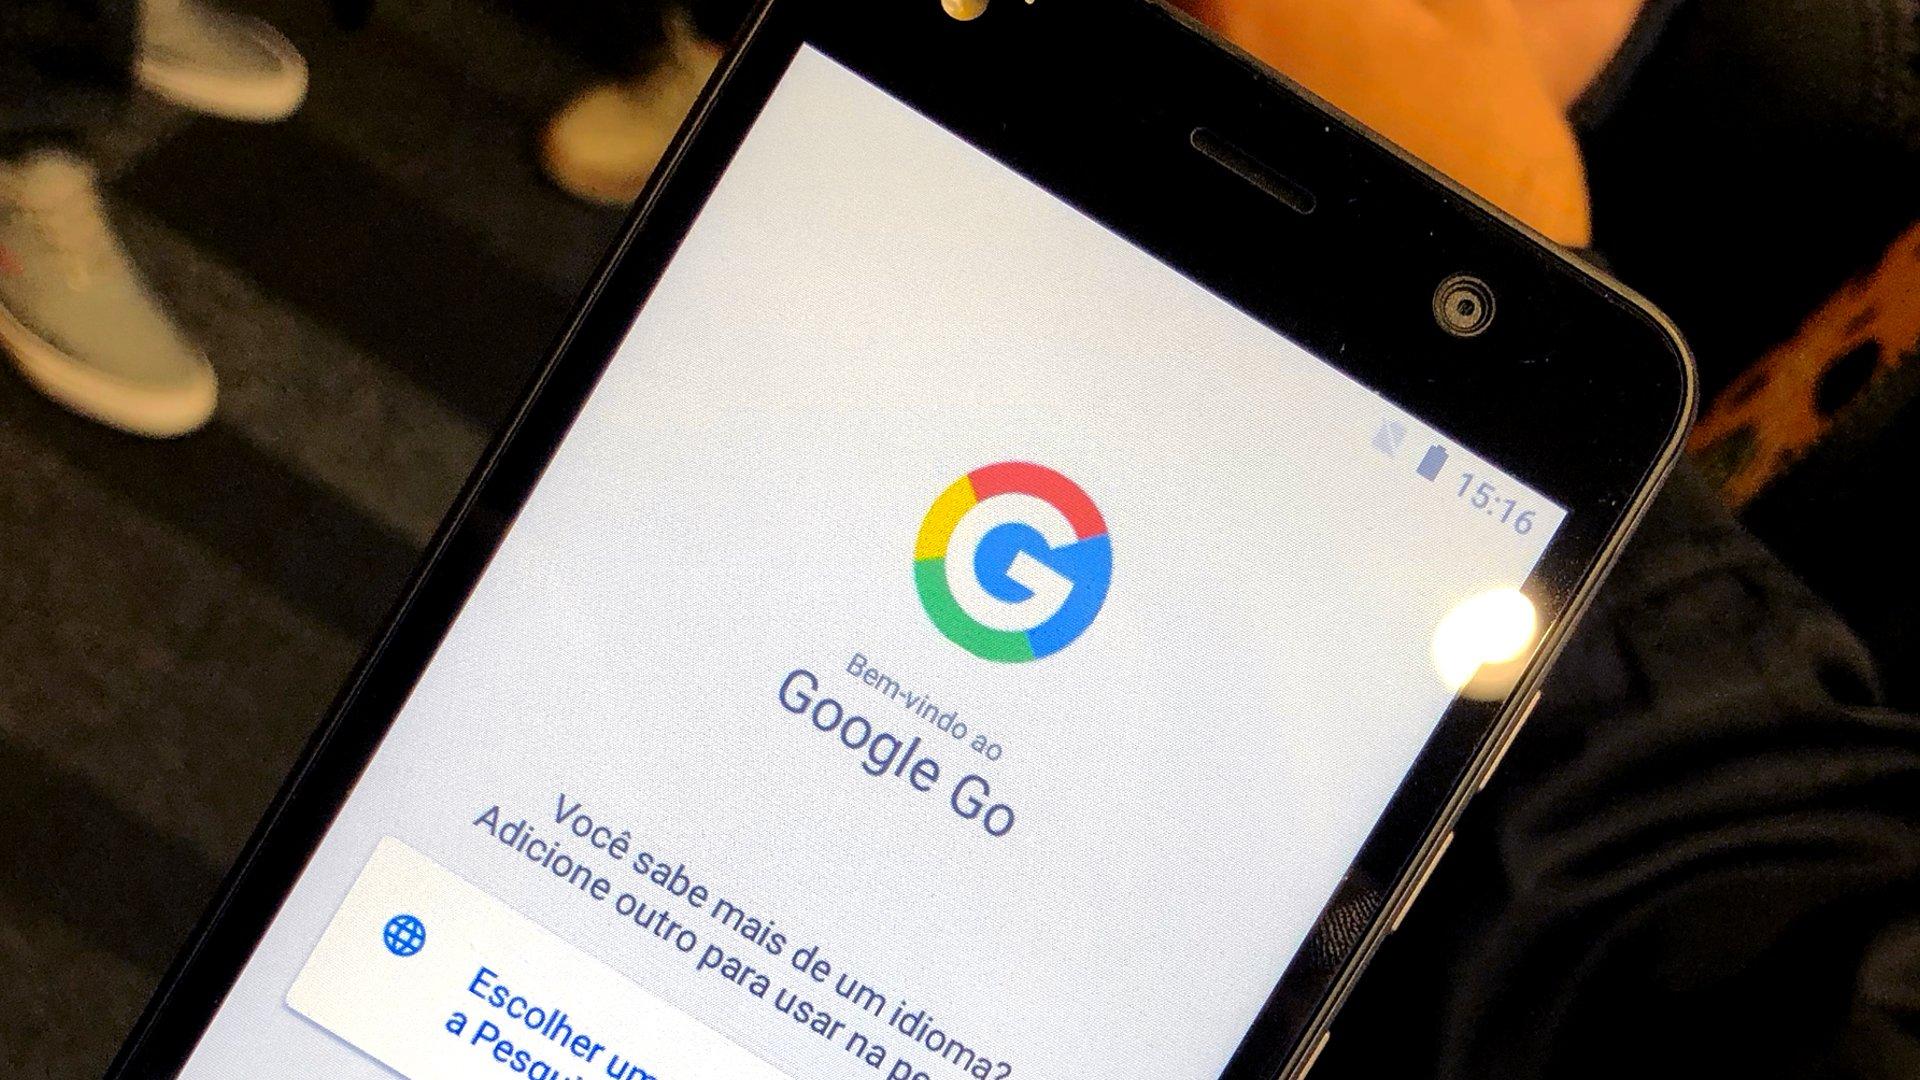 Выпущена версия Android 10 Go: получите совместимую с мобильным телефоном версию 1,5 ГБ ОЗУ